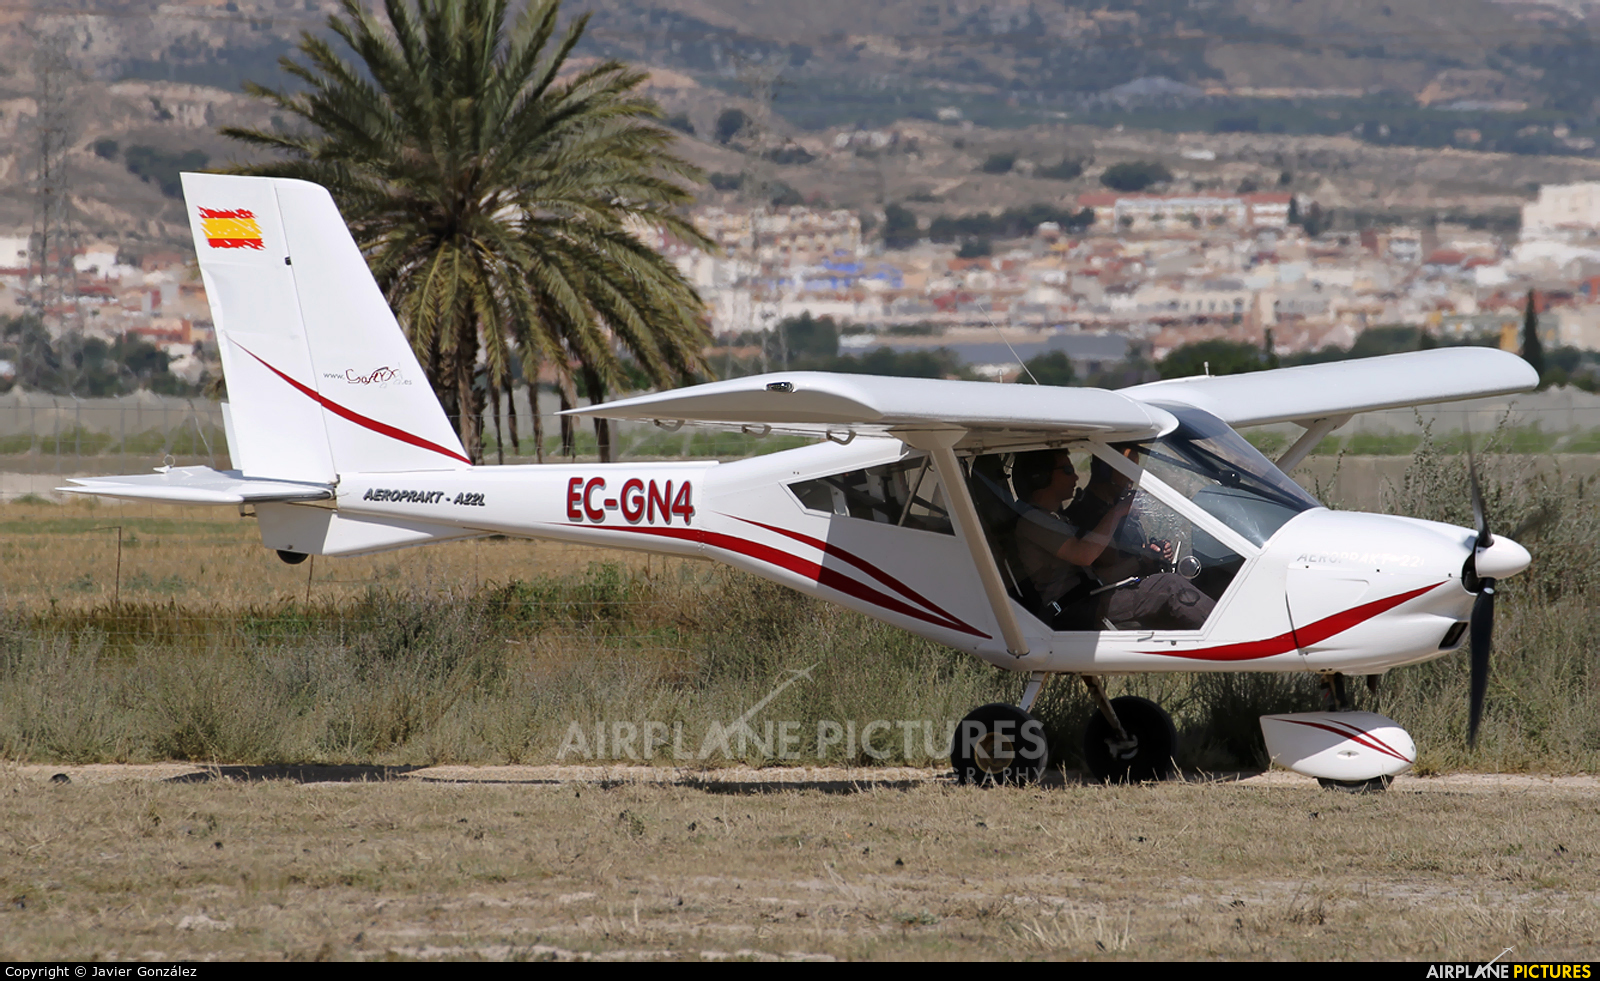 Private EC-GN4 aircraft at Totana